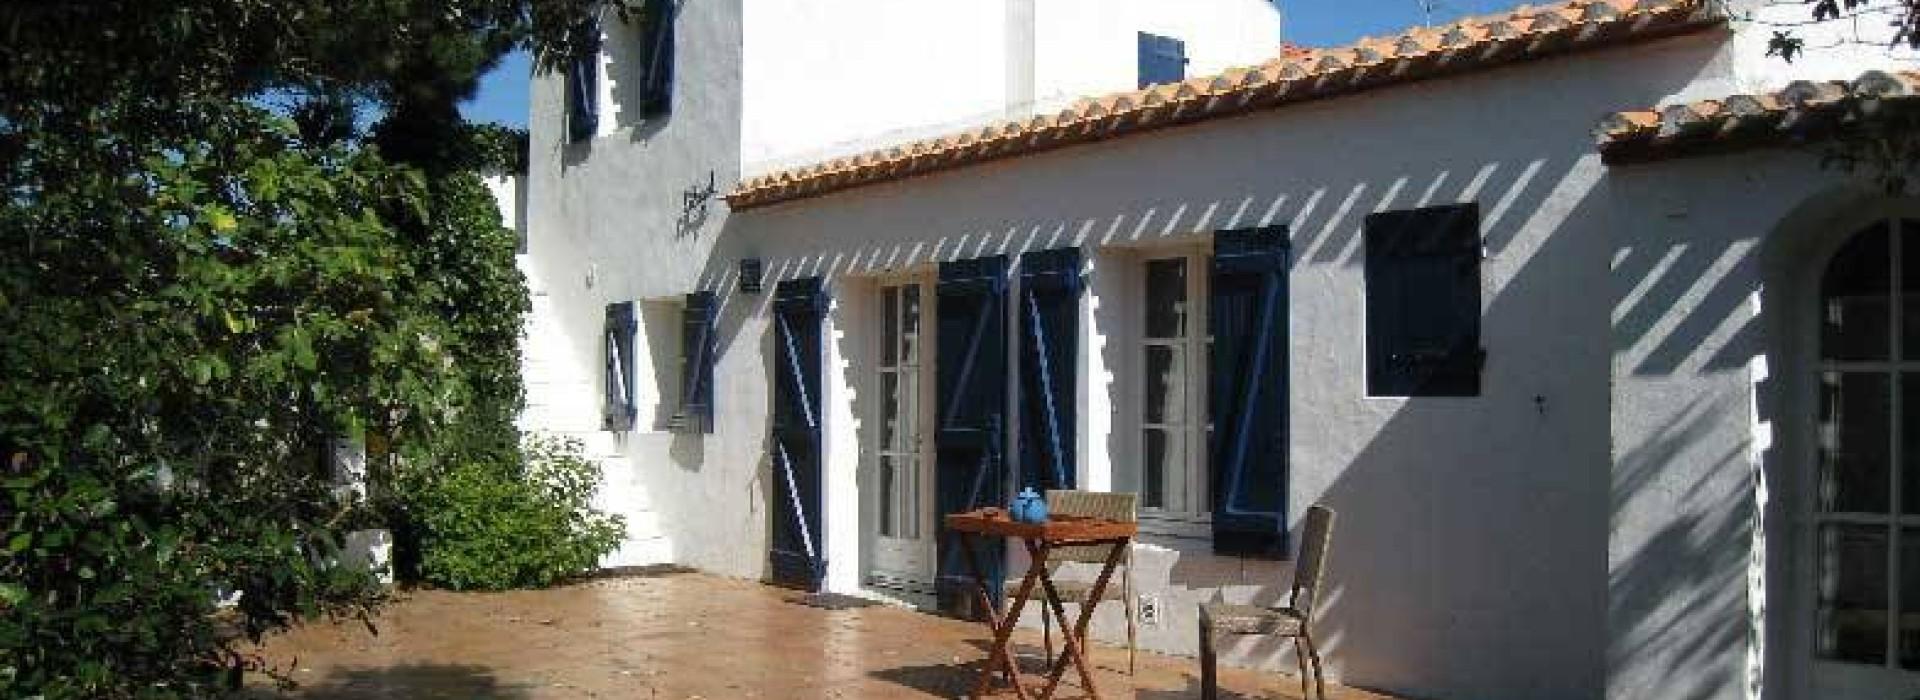 Ventilation Salle De Bain Sans Vmc ~ Maison Dans Le Bourg De L Epine Sur L Ile De Noirmoutier G Tes Et